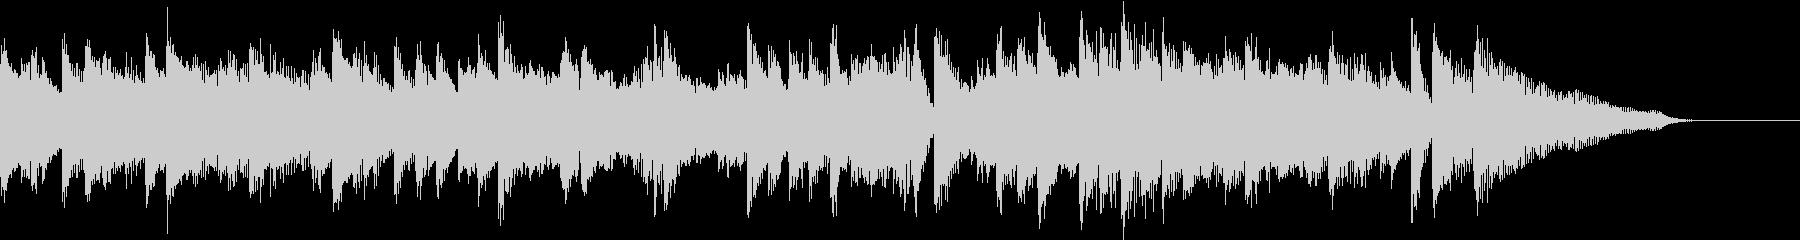 軽快カントリーウエスタンピアノジングルの未再生の波形